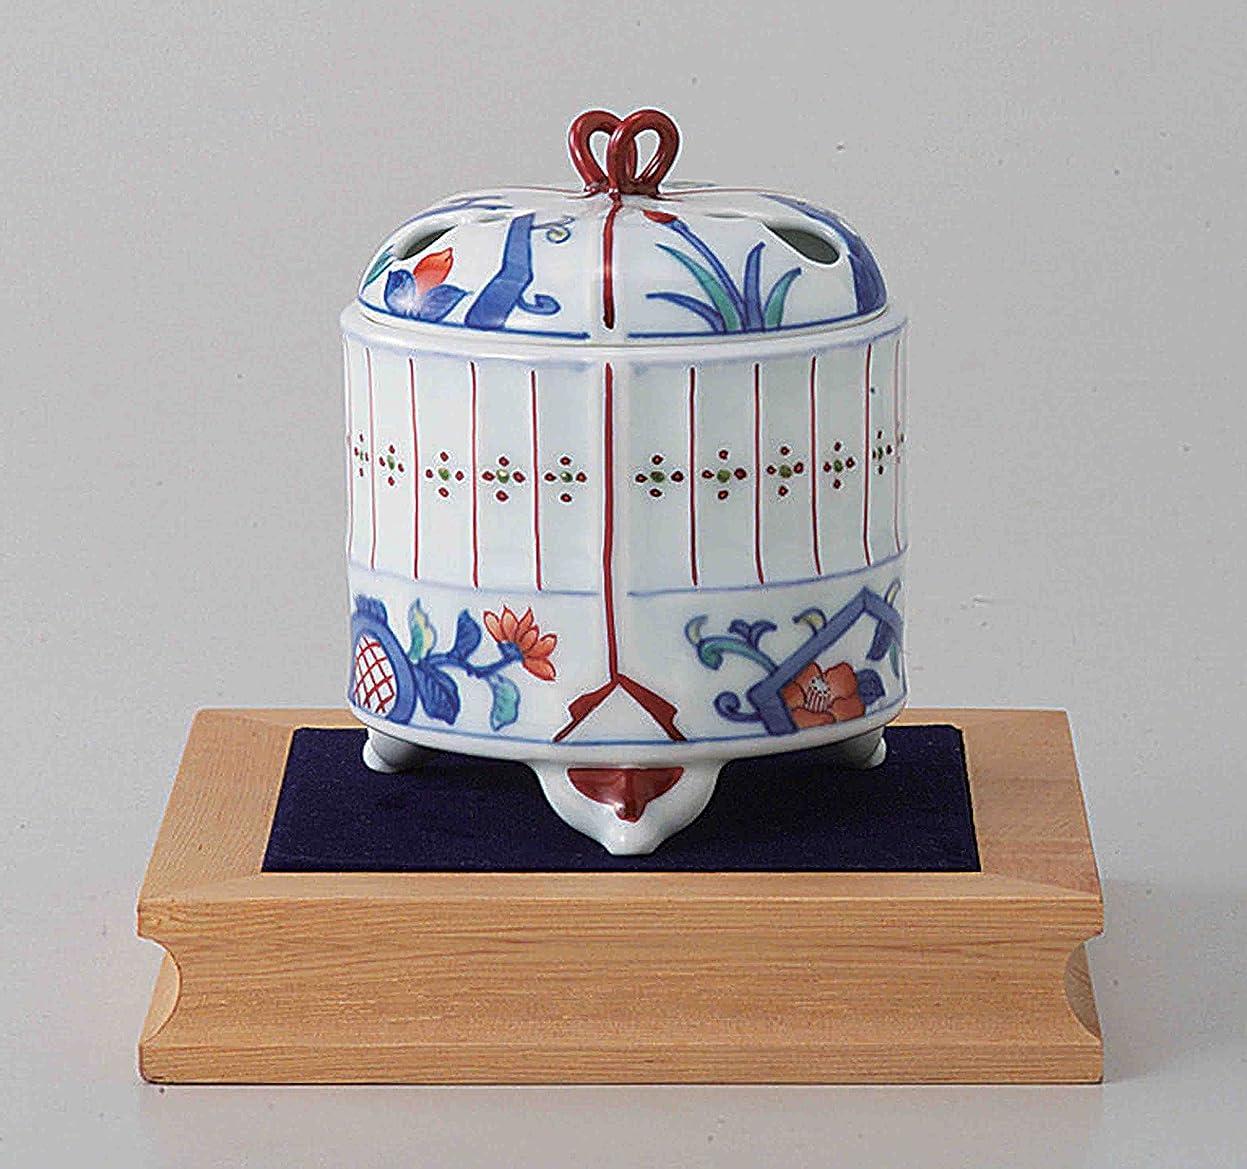 画面ポーズ絶滅した東京抹茶Selection?–?[プレミアム] Arita Porcelain Cencer : Insectケージ?–?Incense BurnerホルダーWベース&ボックス日本から[ EMSで発送標準: withトラッキング&保険]